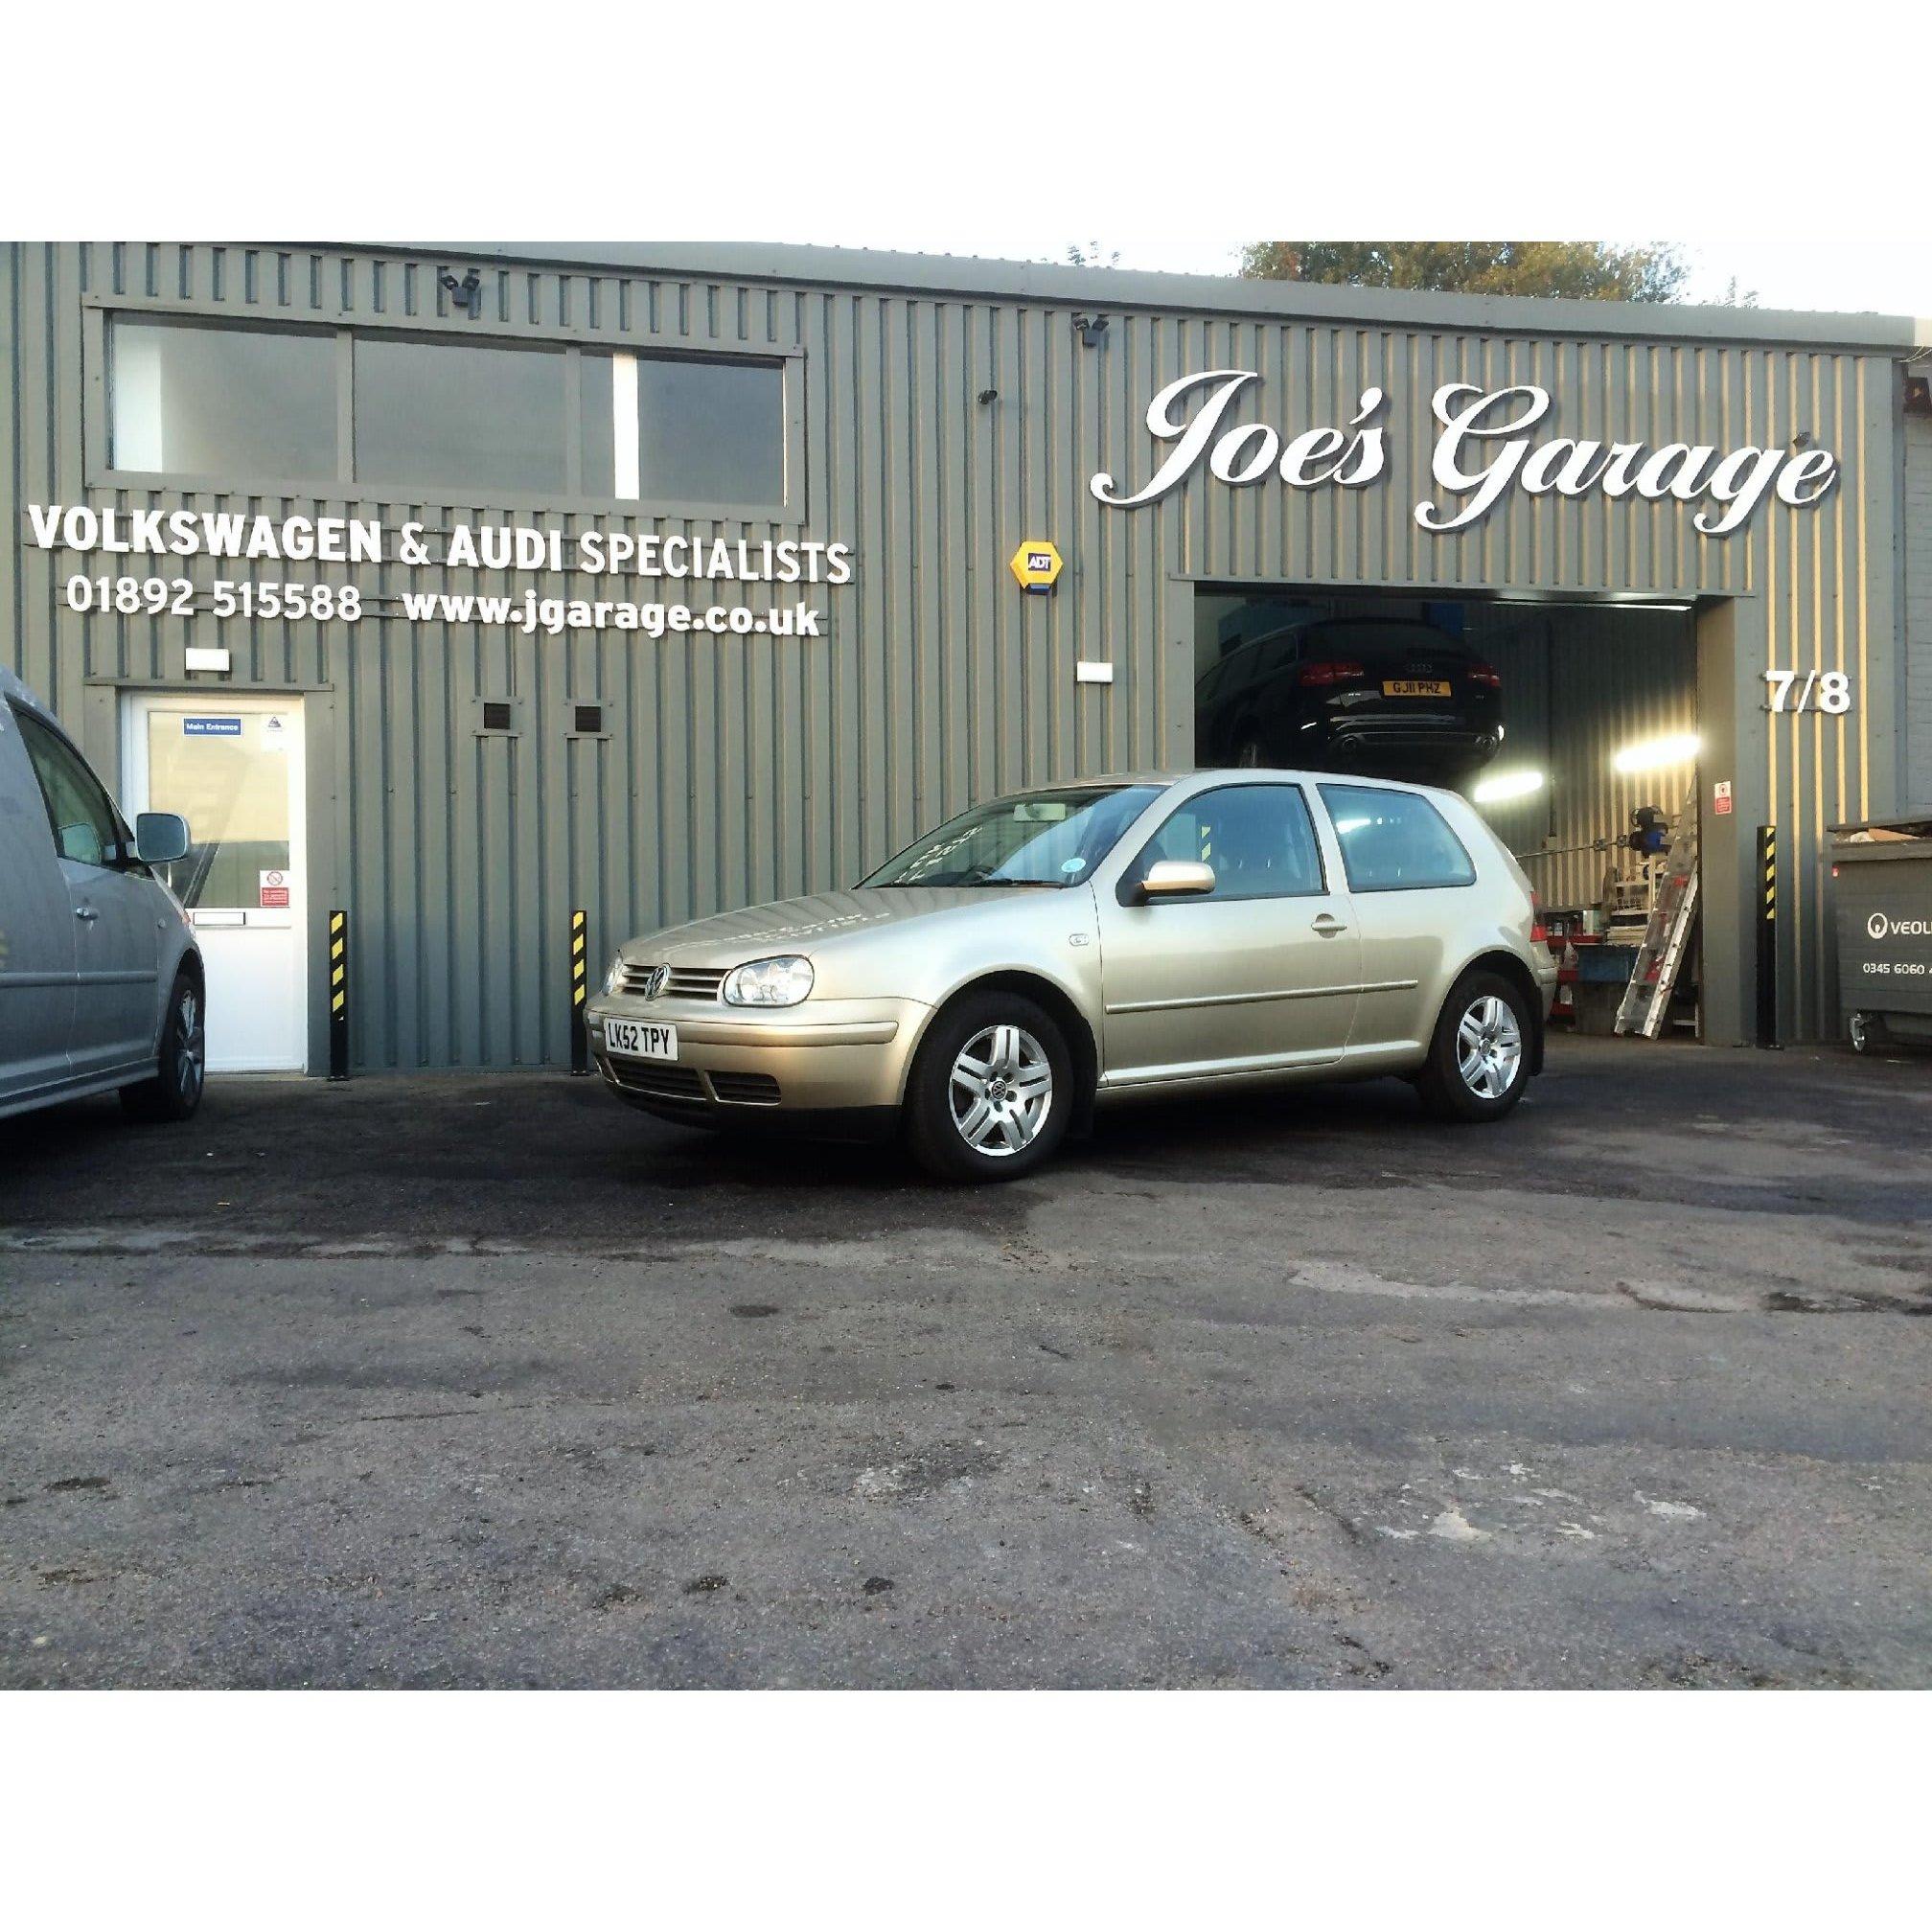 Audi Dc Dealers: Joe's Garage Volkswagen Audi Specialist